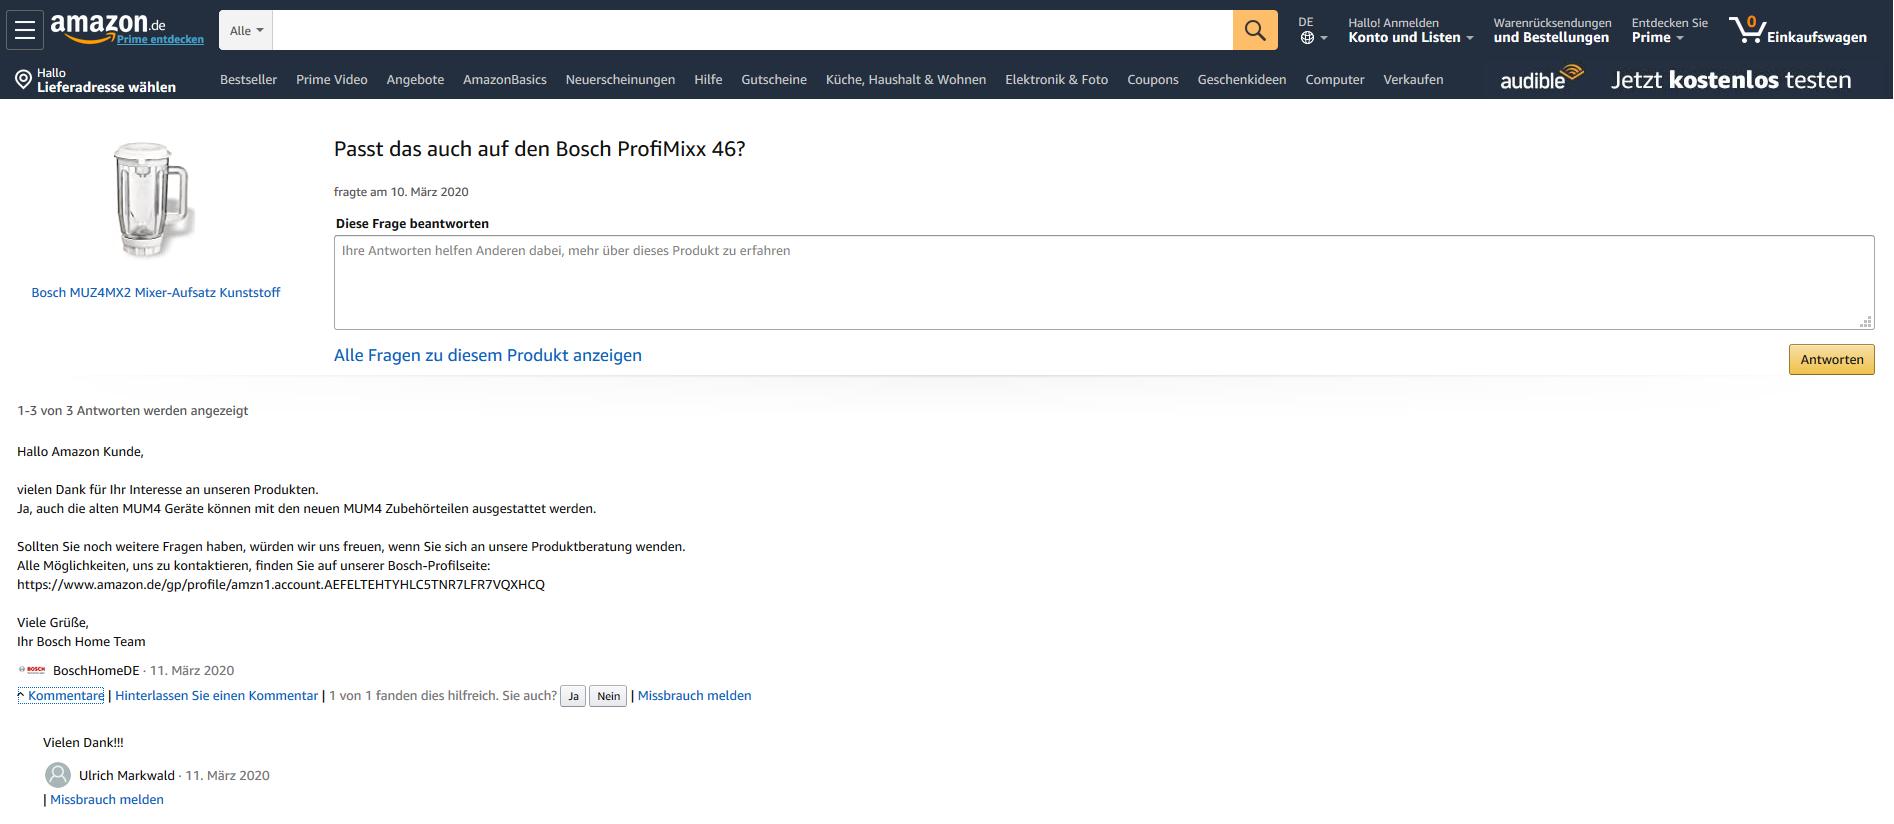 Amazon Hersteller Antworten